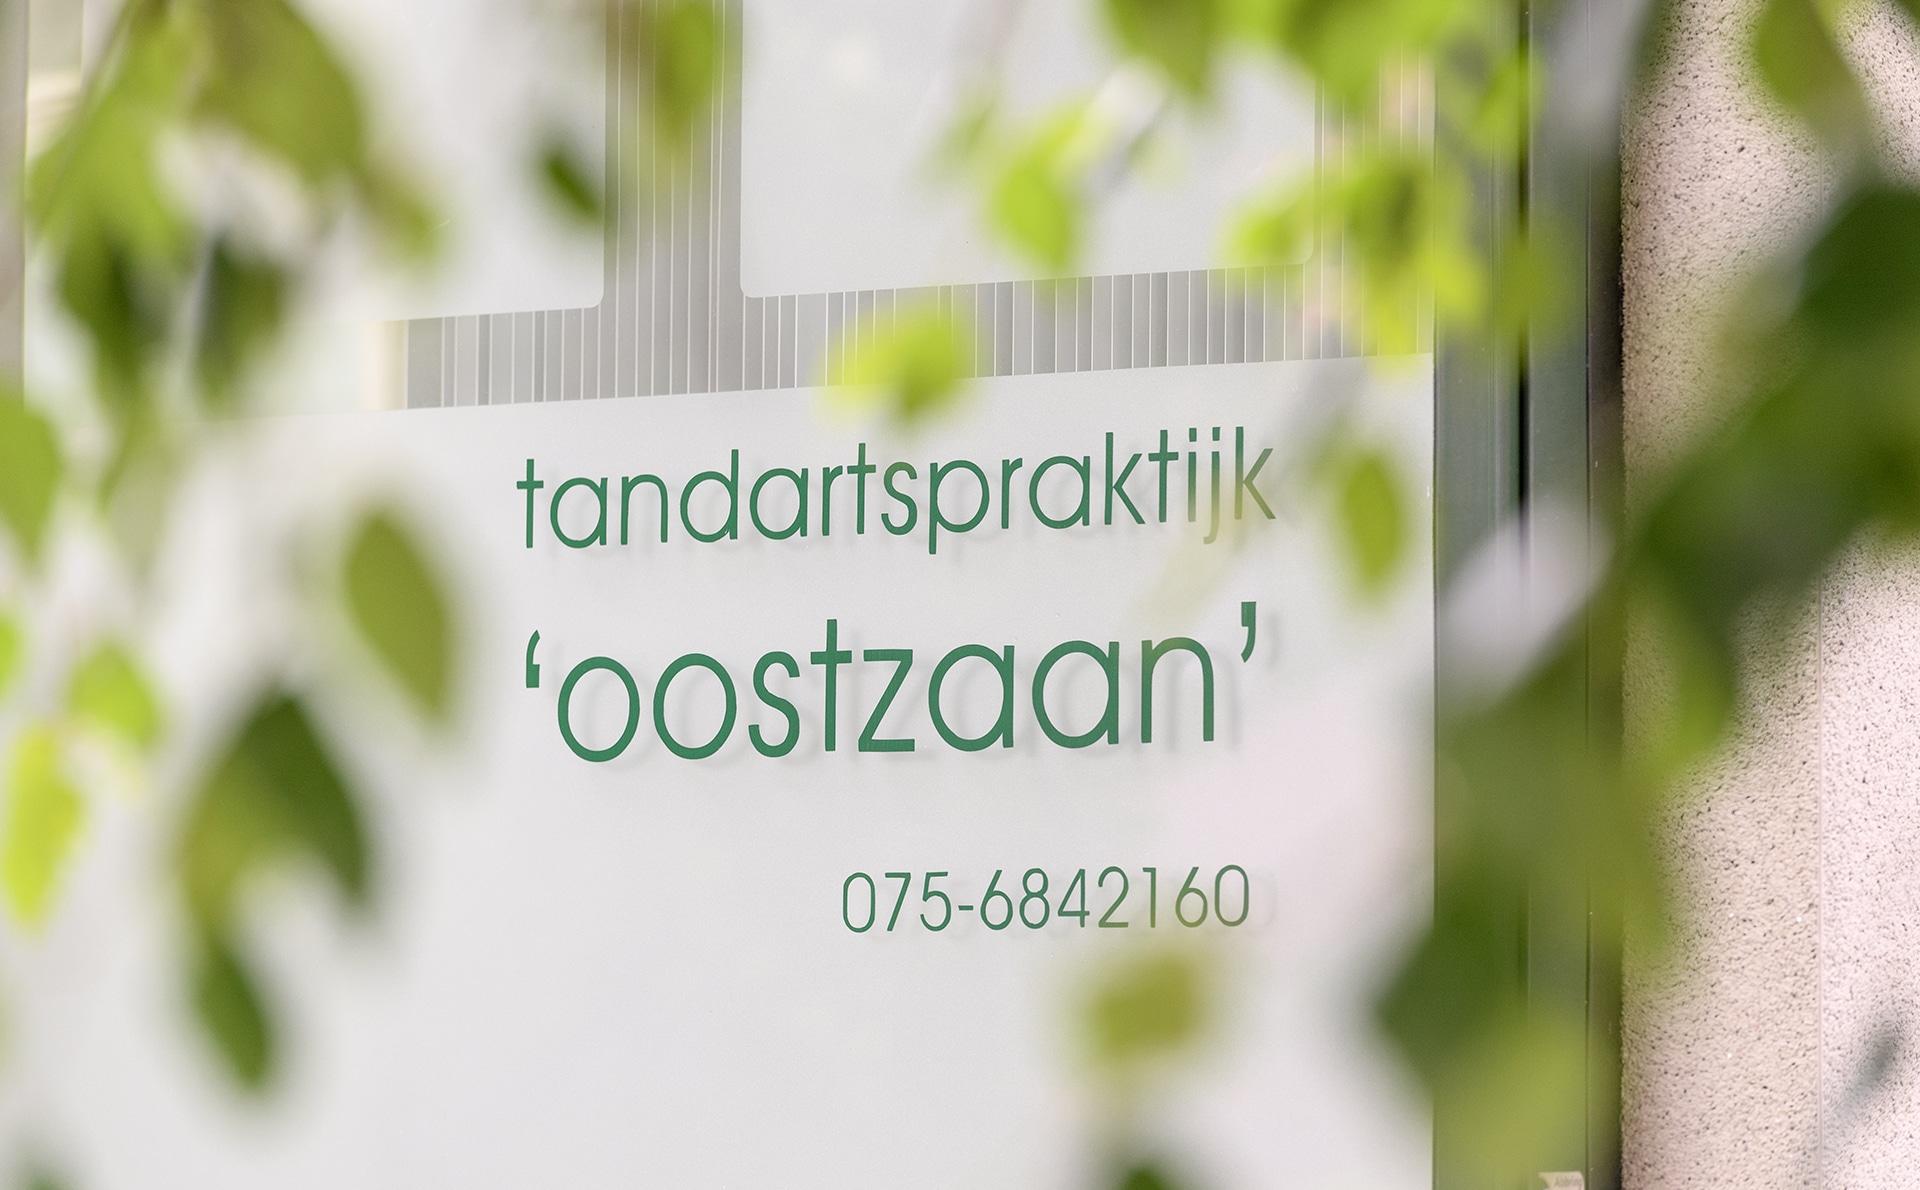 Tandarts Oostzaan Vacature: Tandarts gezocht in Oostzaan